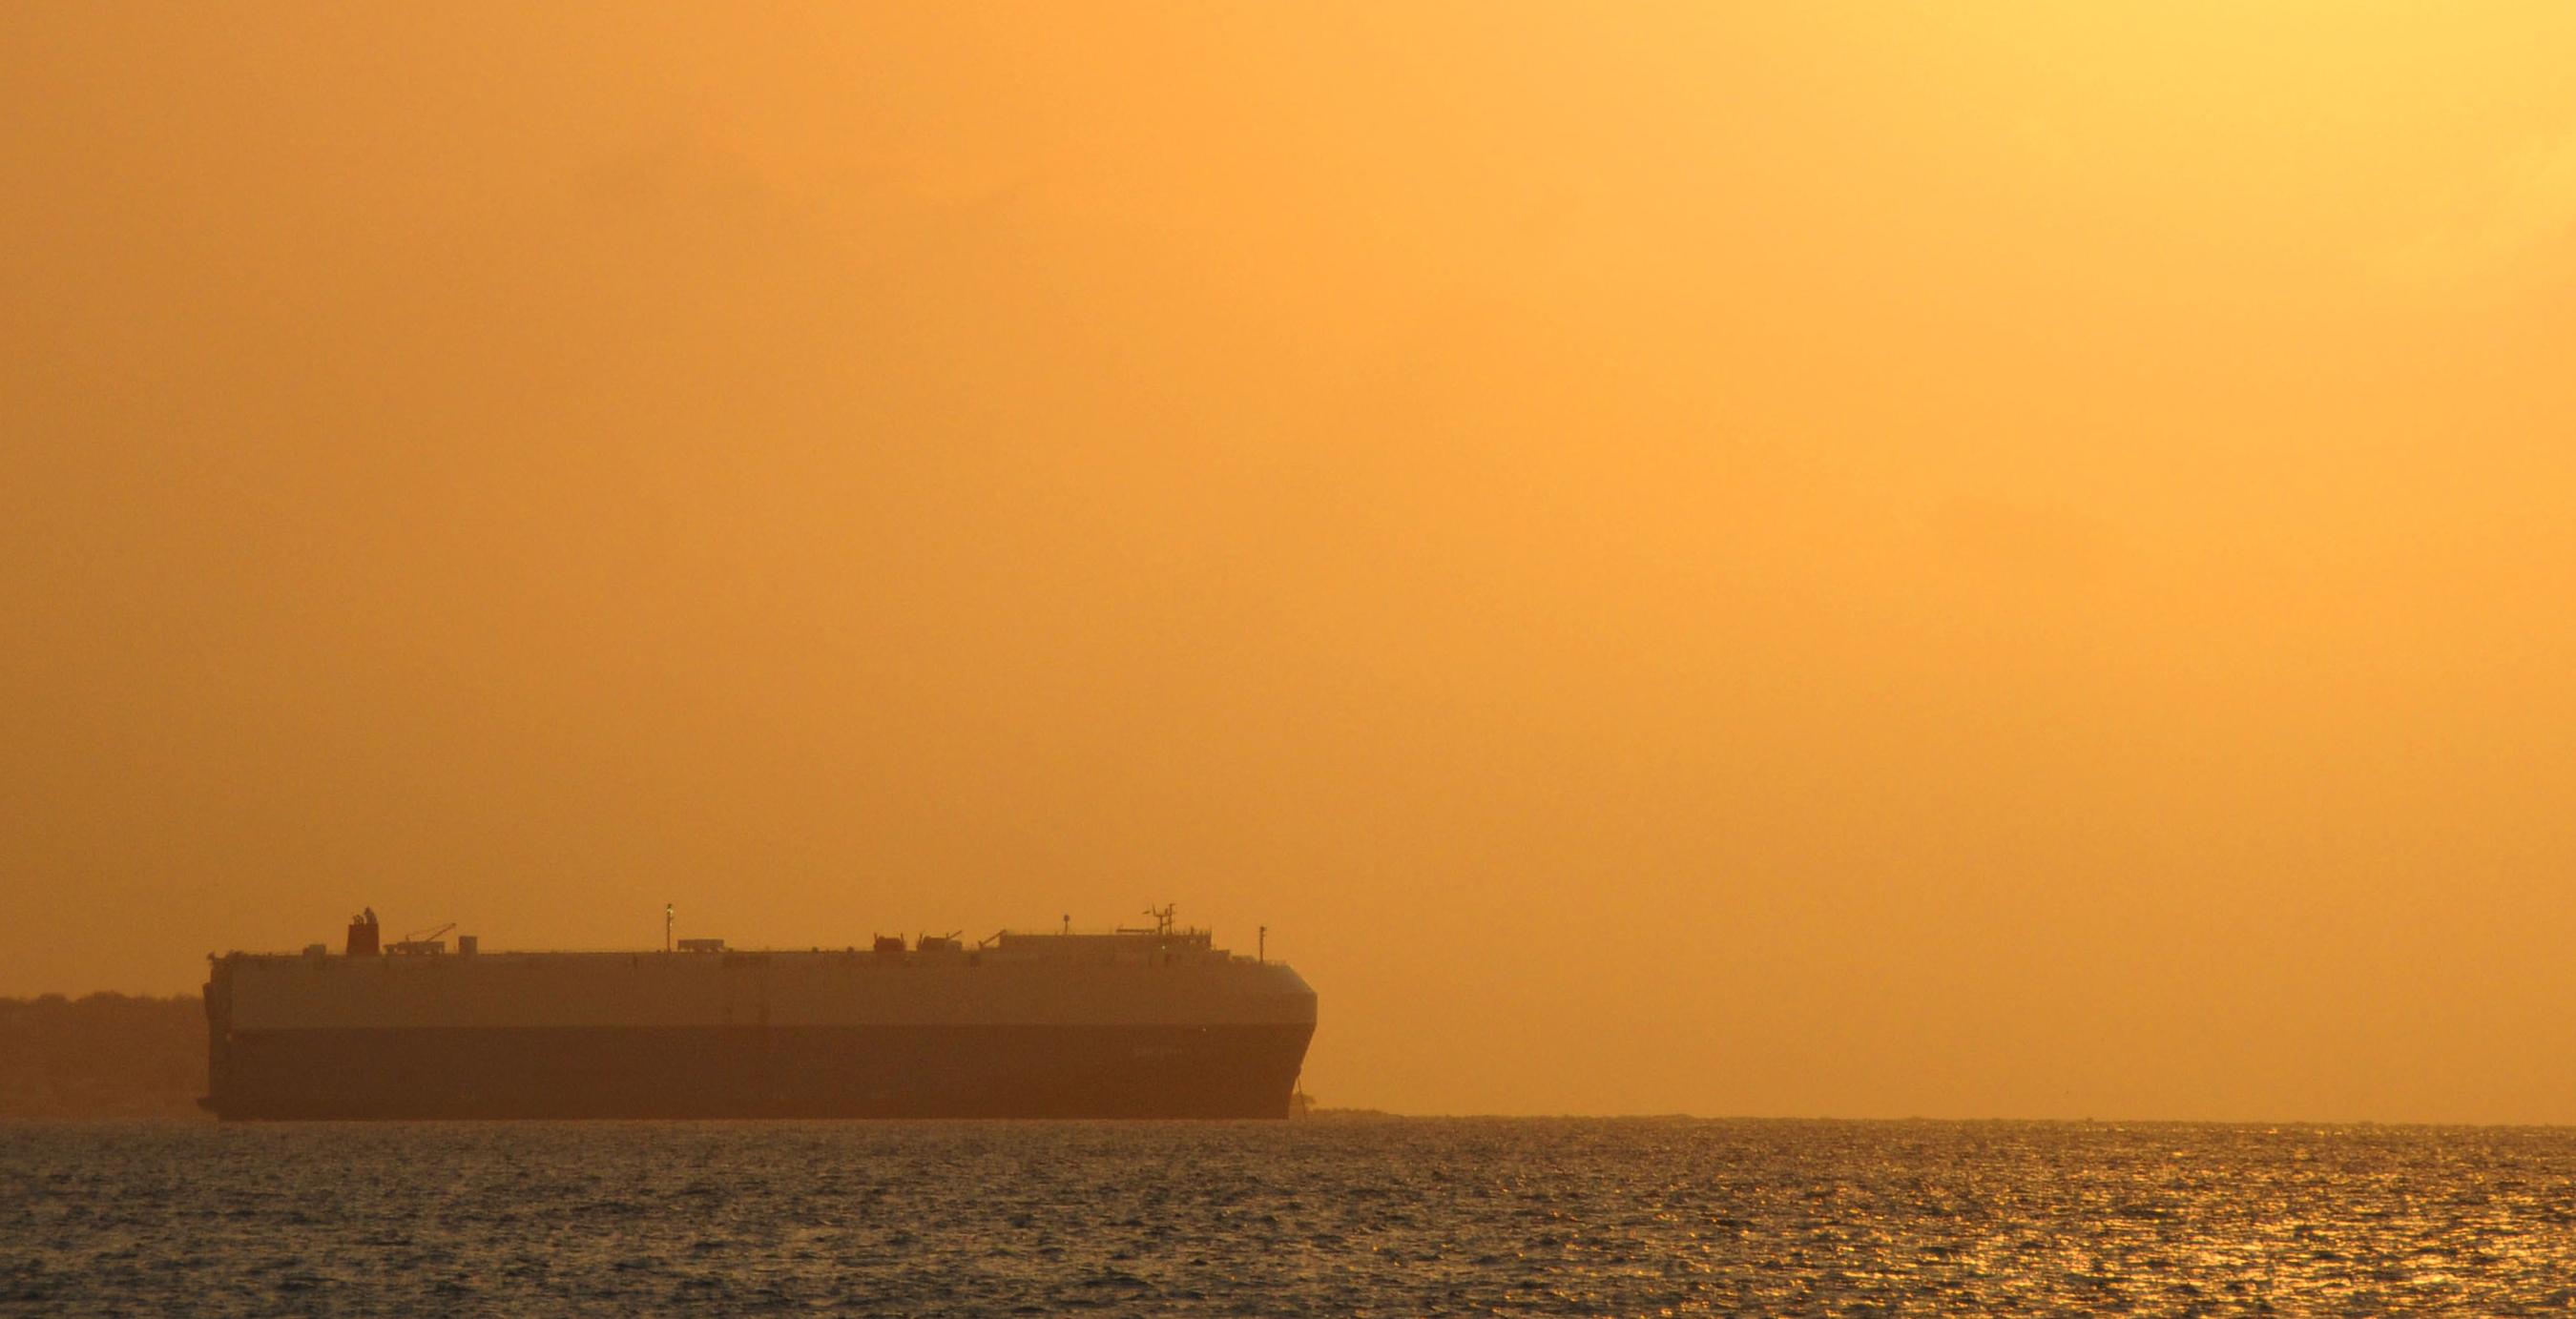 Buque navegando los mares de la costa atlántica